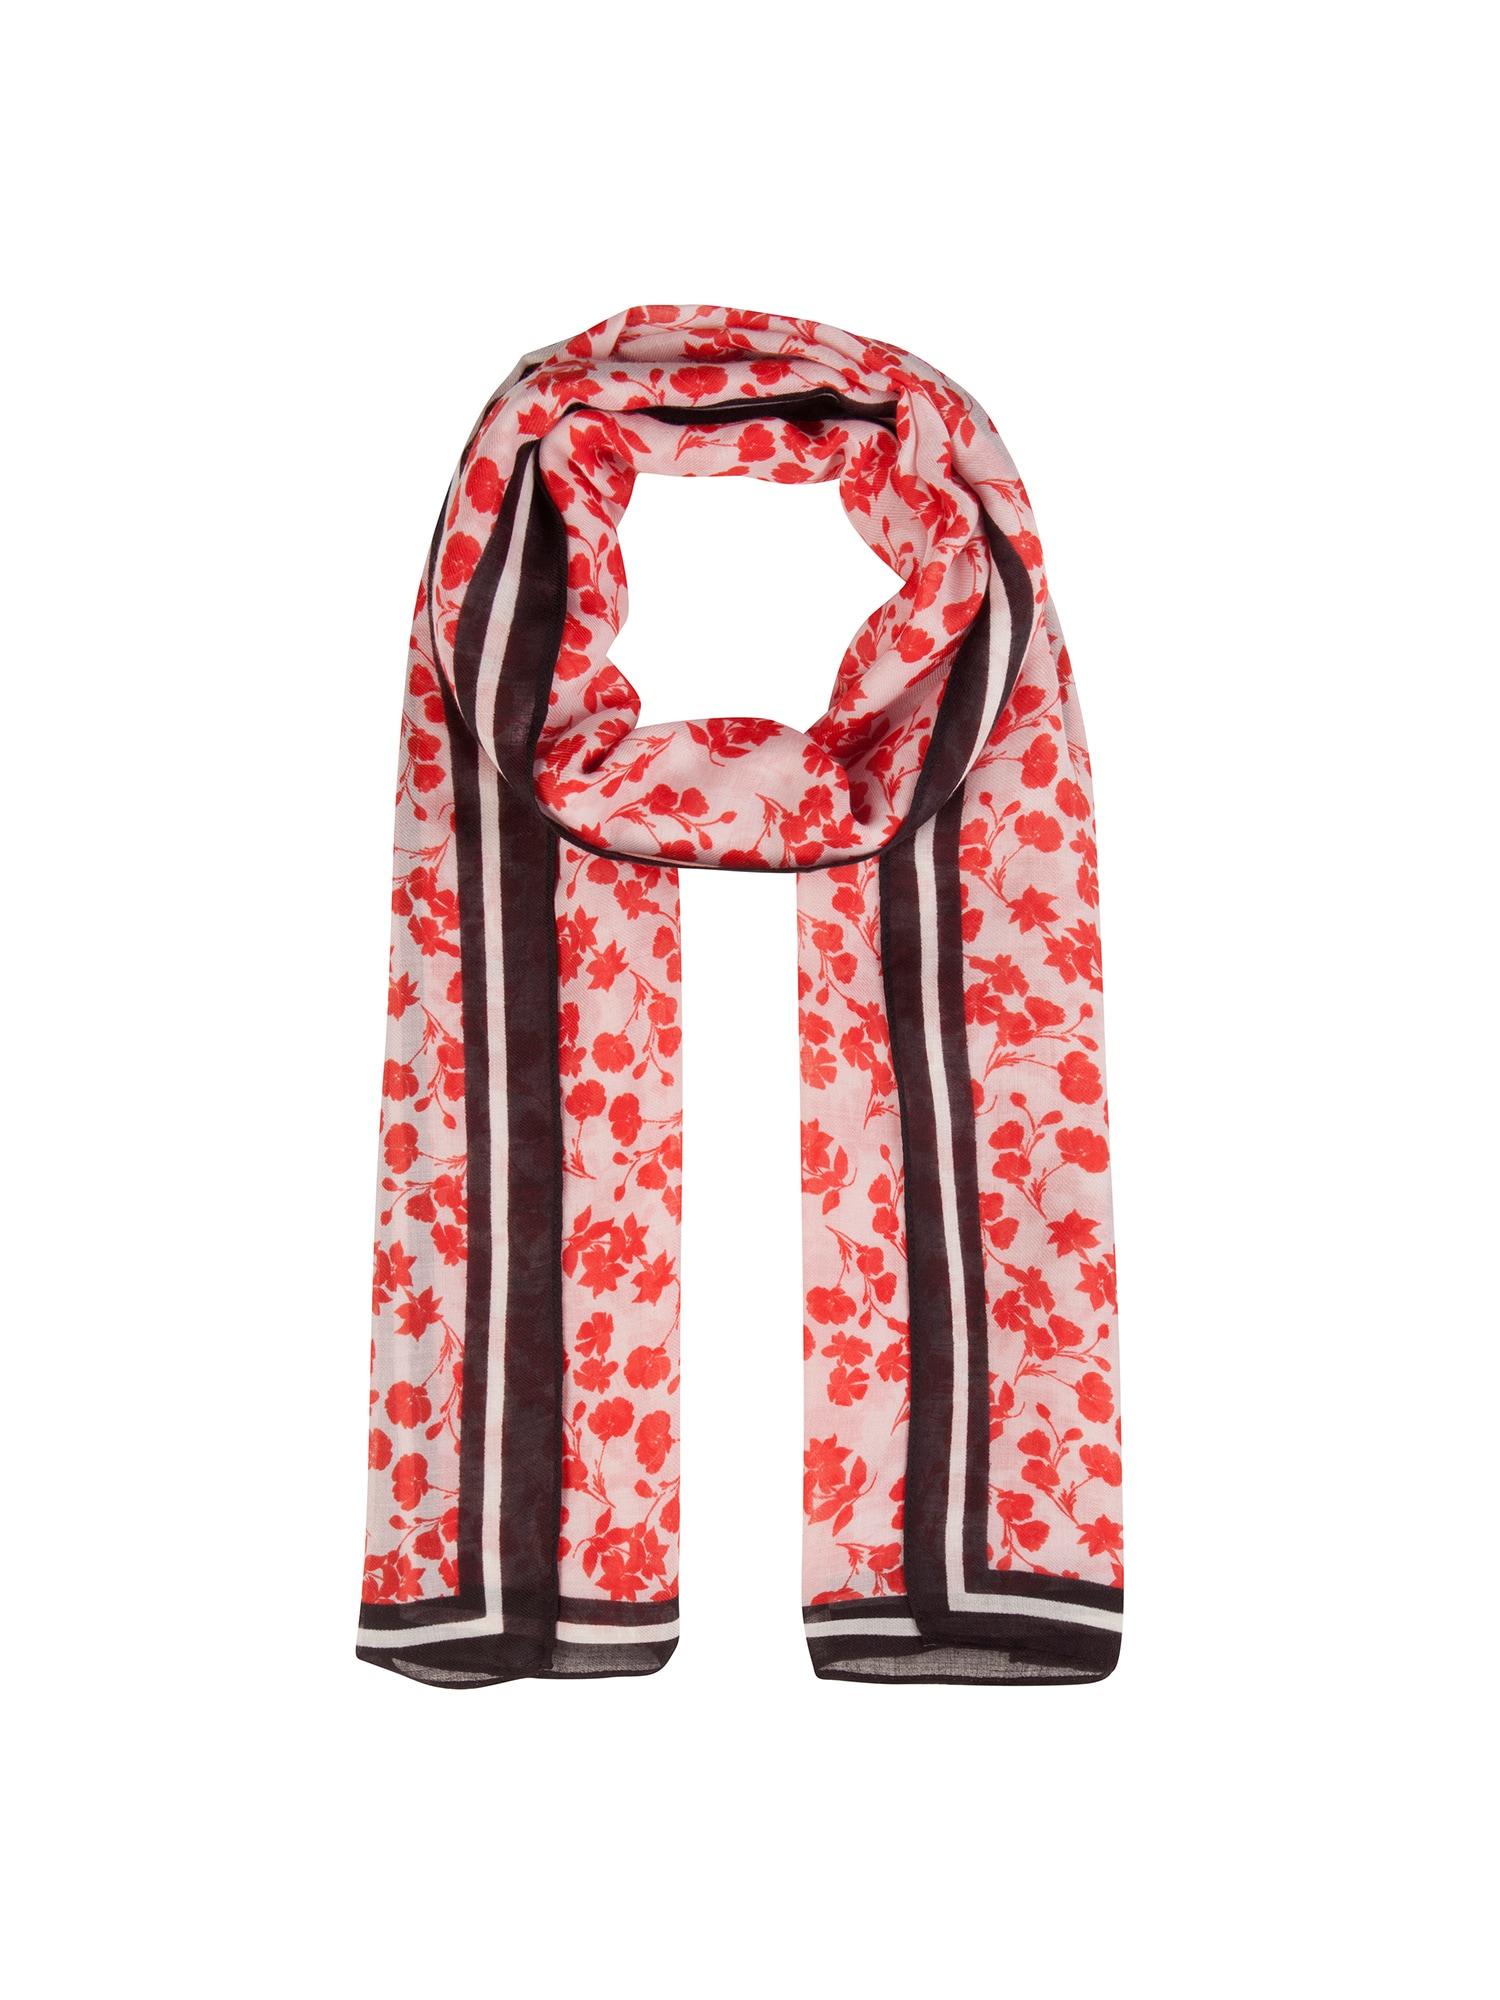 Šátek ALWAYS & FOREVER mix barev růže světle červená CODELLO